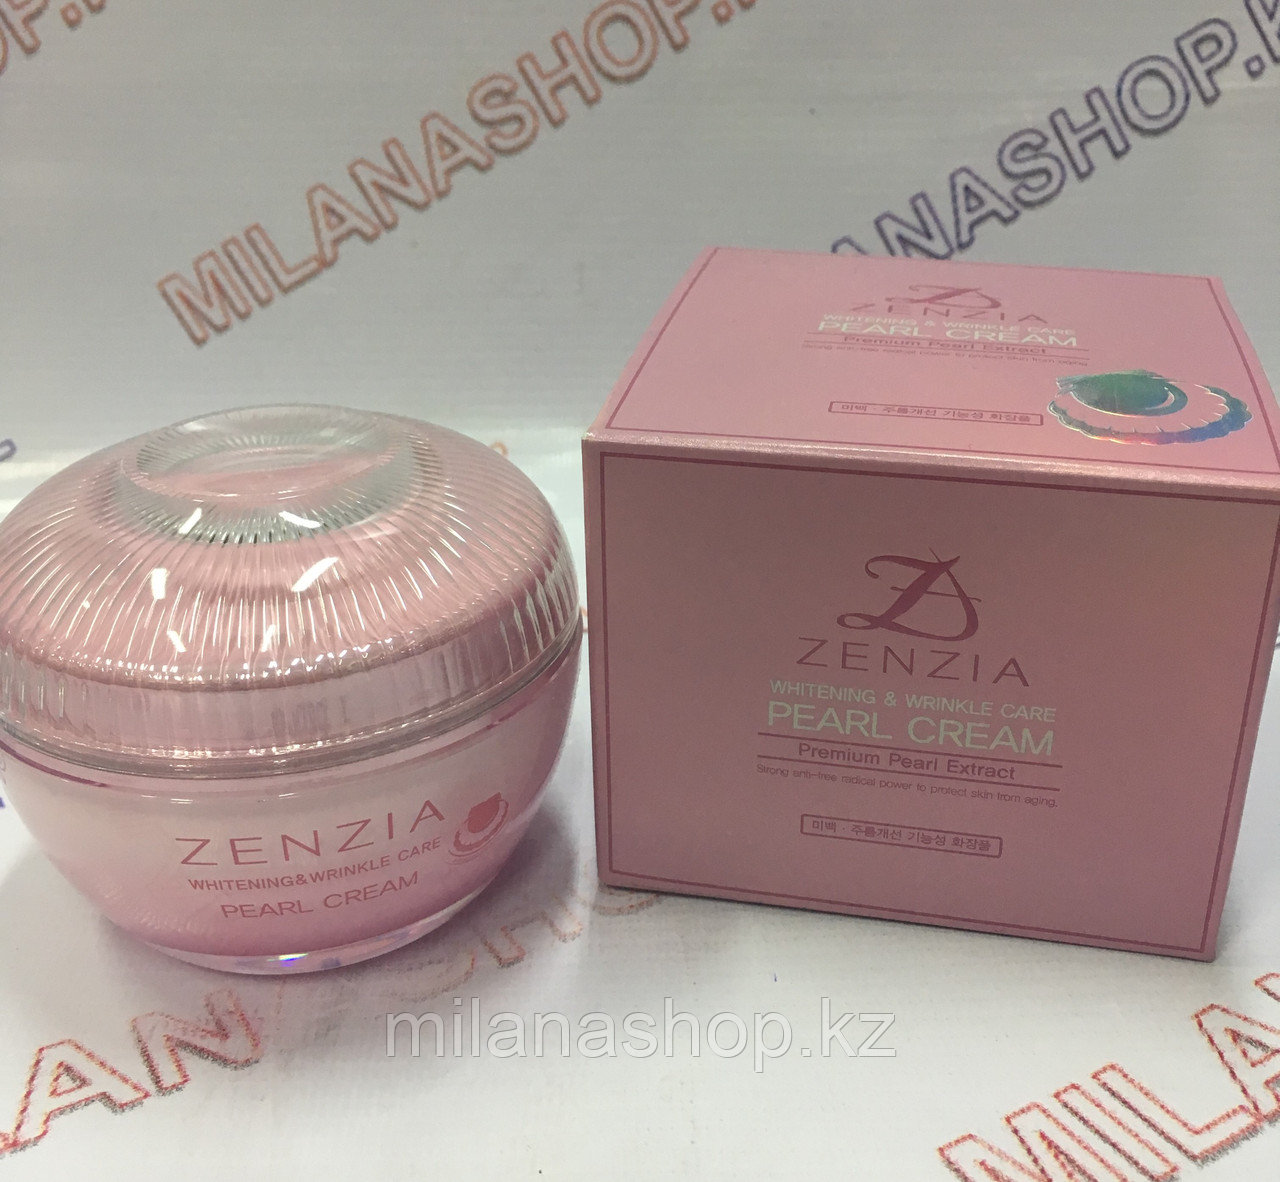 Zenzia Pearl  Cream - Крем для лица с жемчужной пудрой